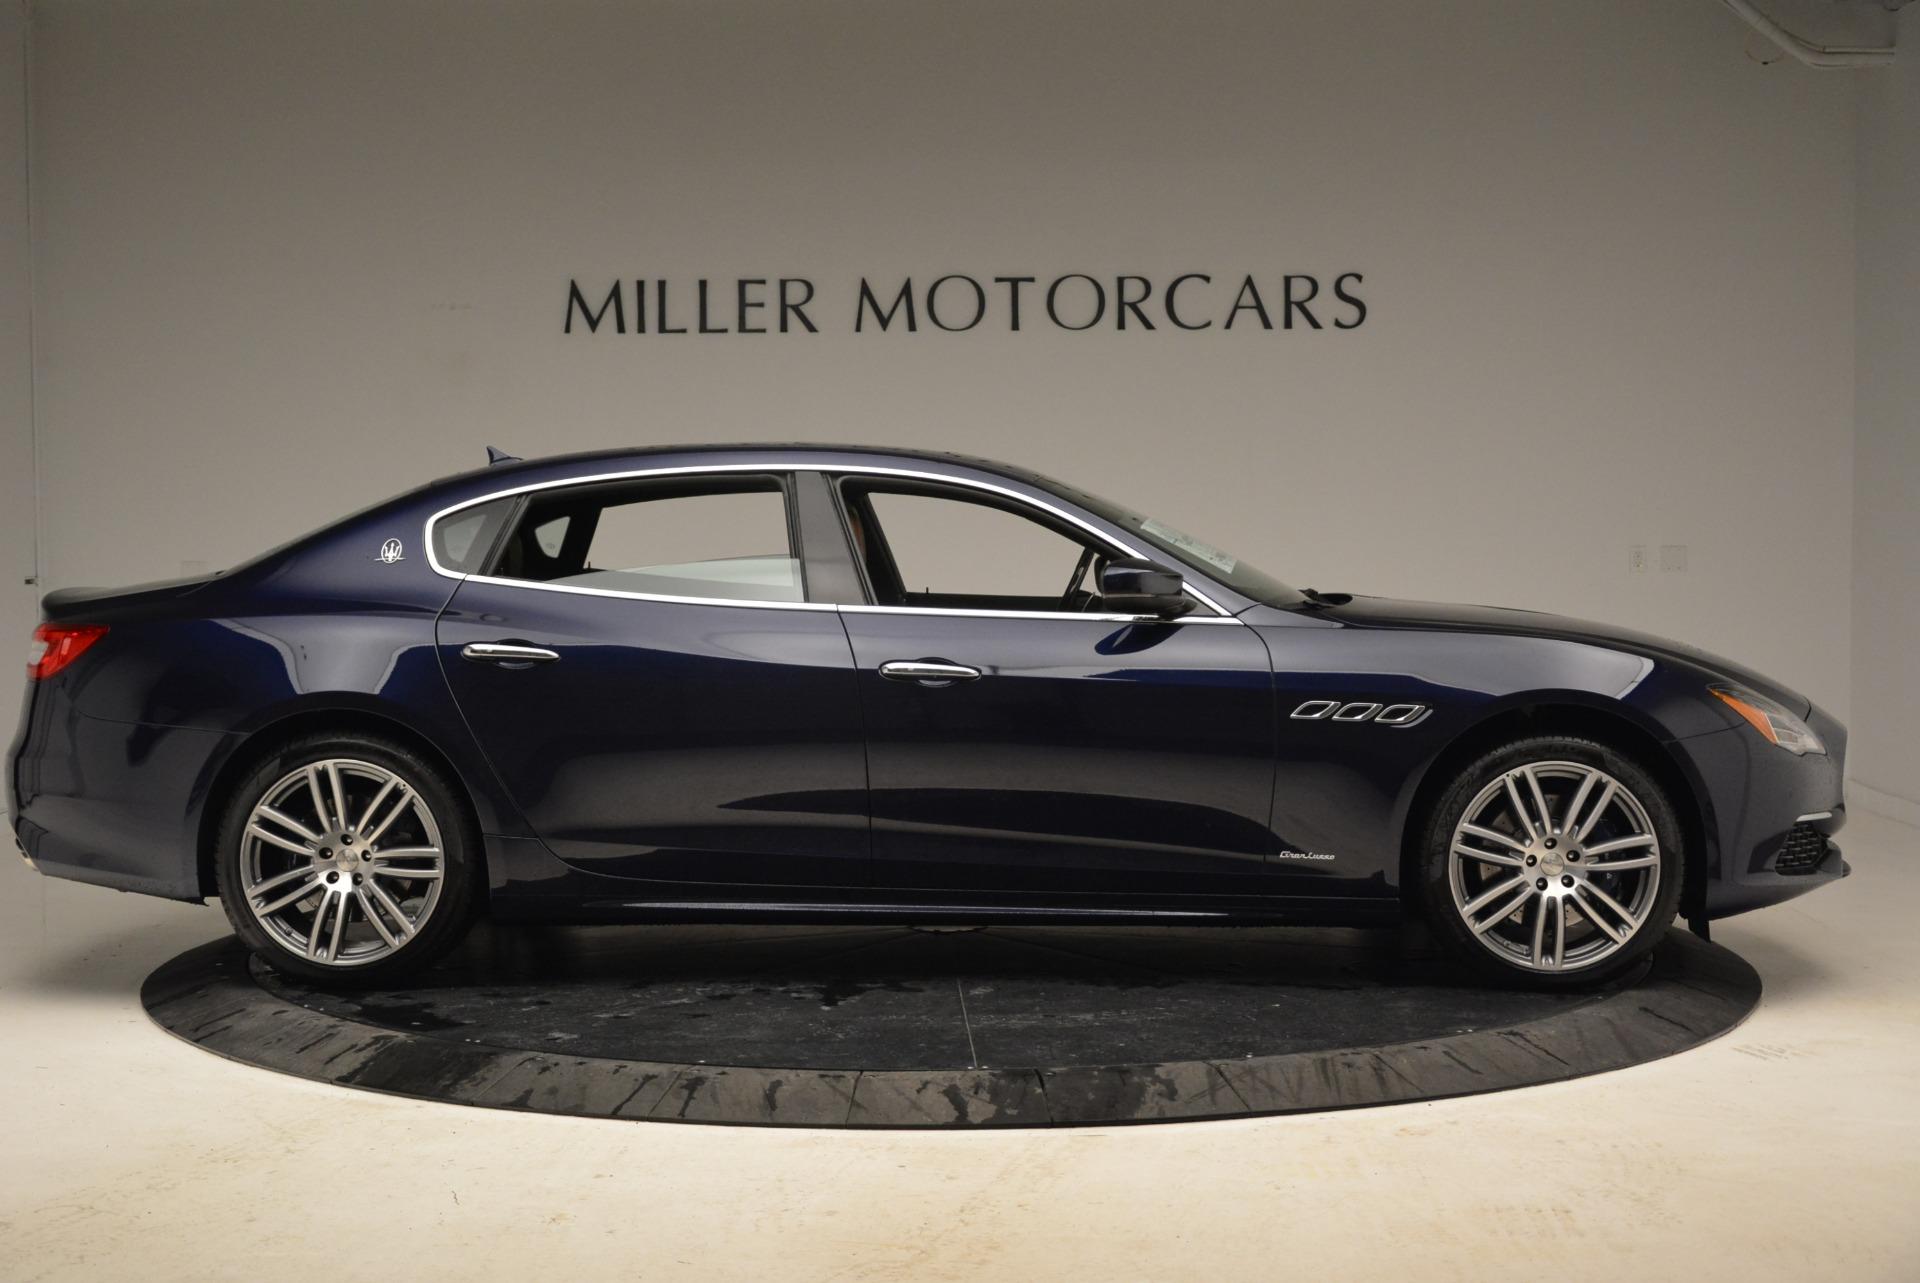 New 2018 Maserati Quattroporte S Q4 GranLusso For Sale In Westport, CT 1816_p9